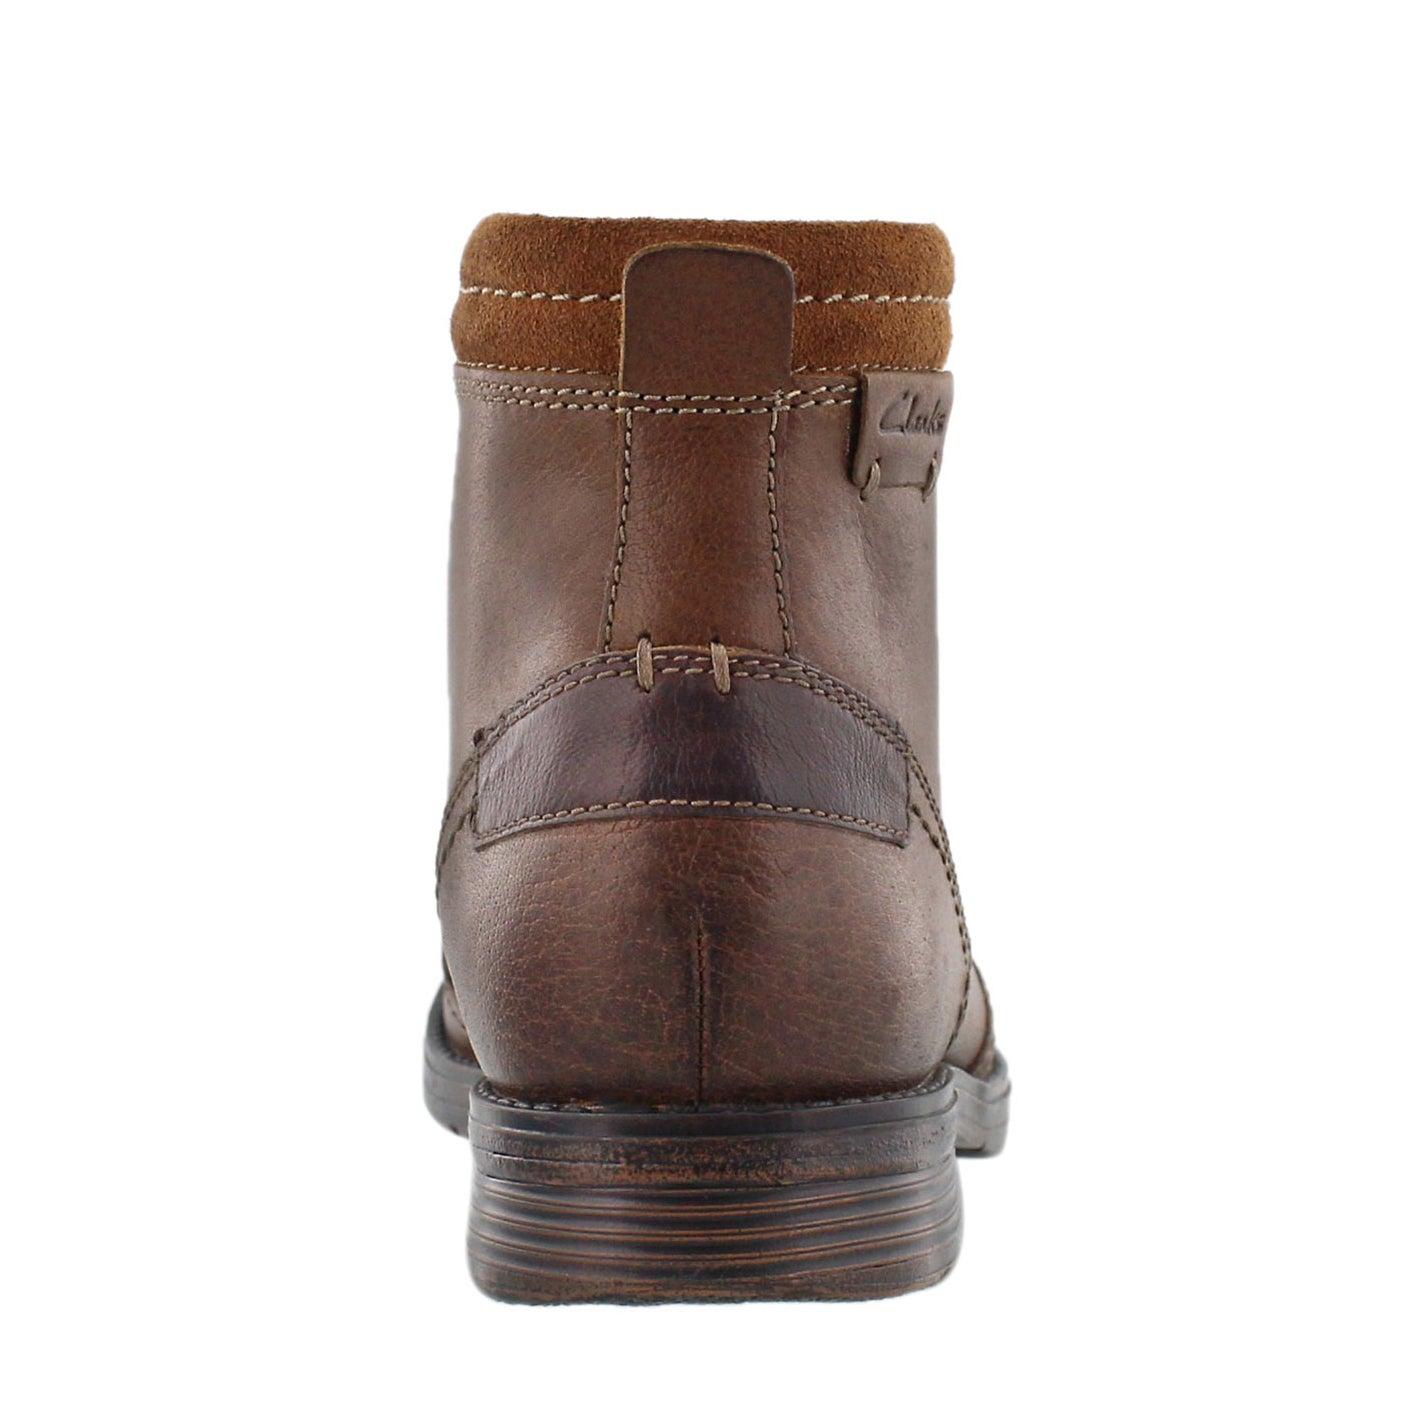 Mns Devington Hi tobacco ankle boot